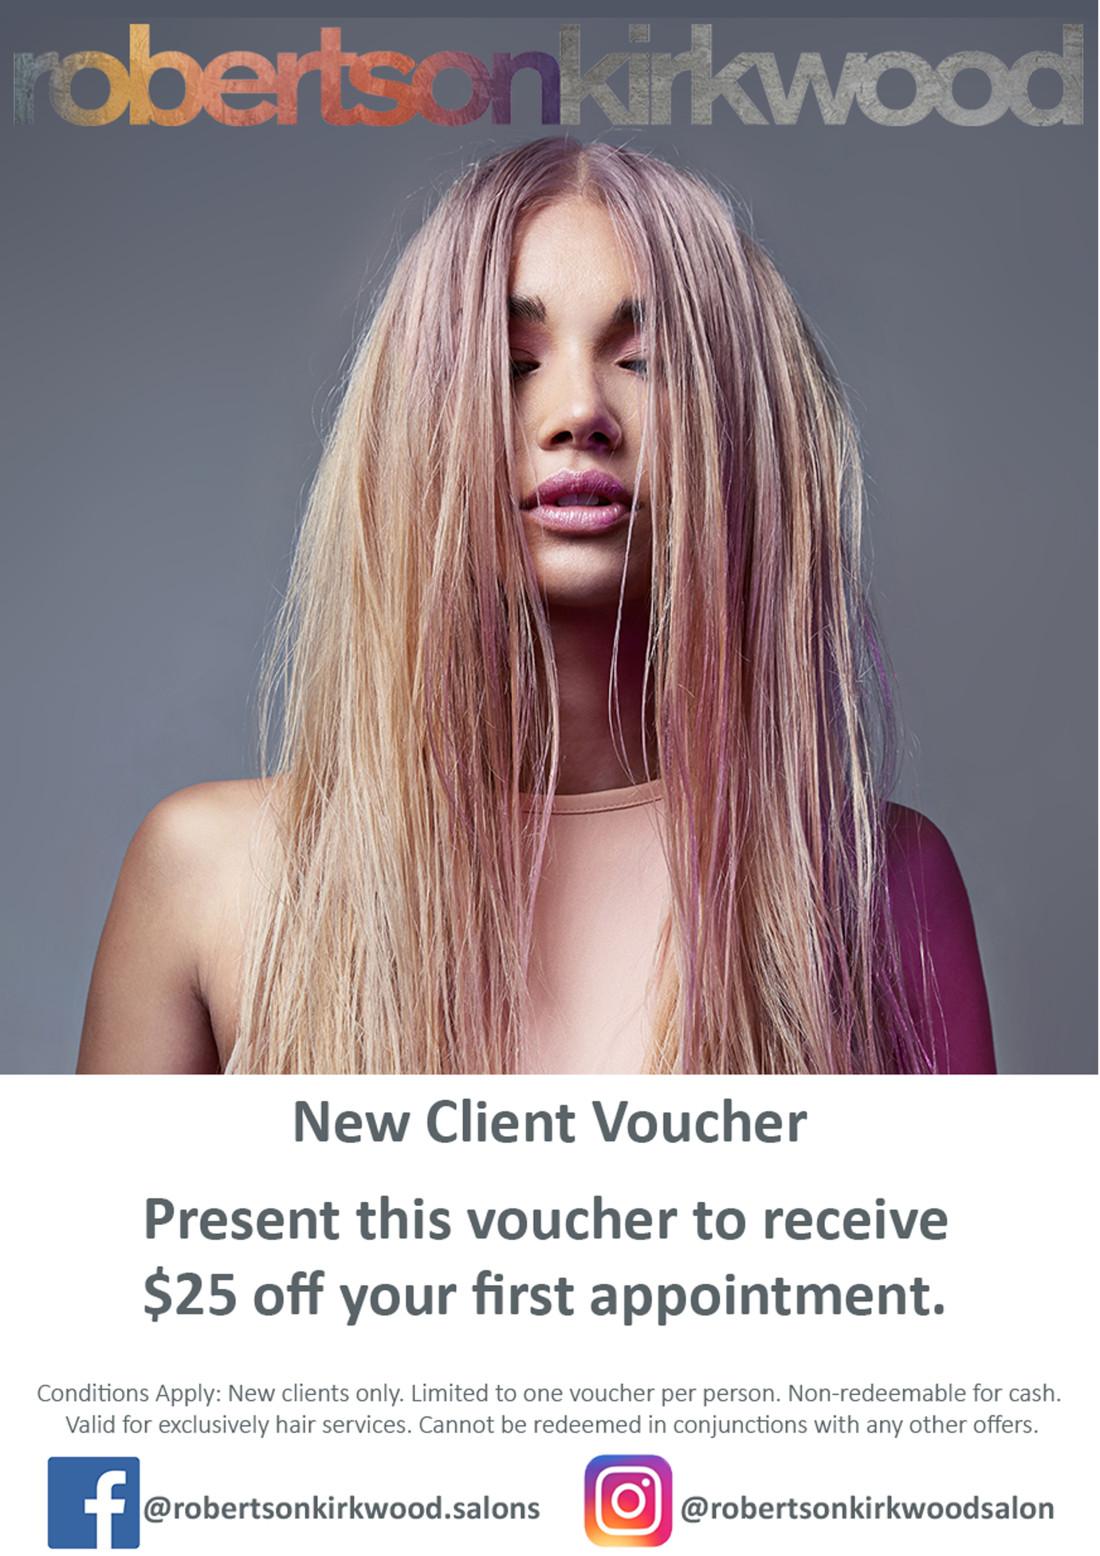 NewClientVoucherA4